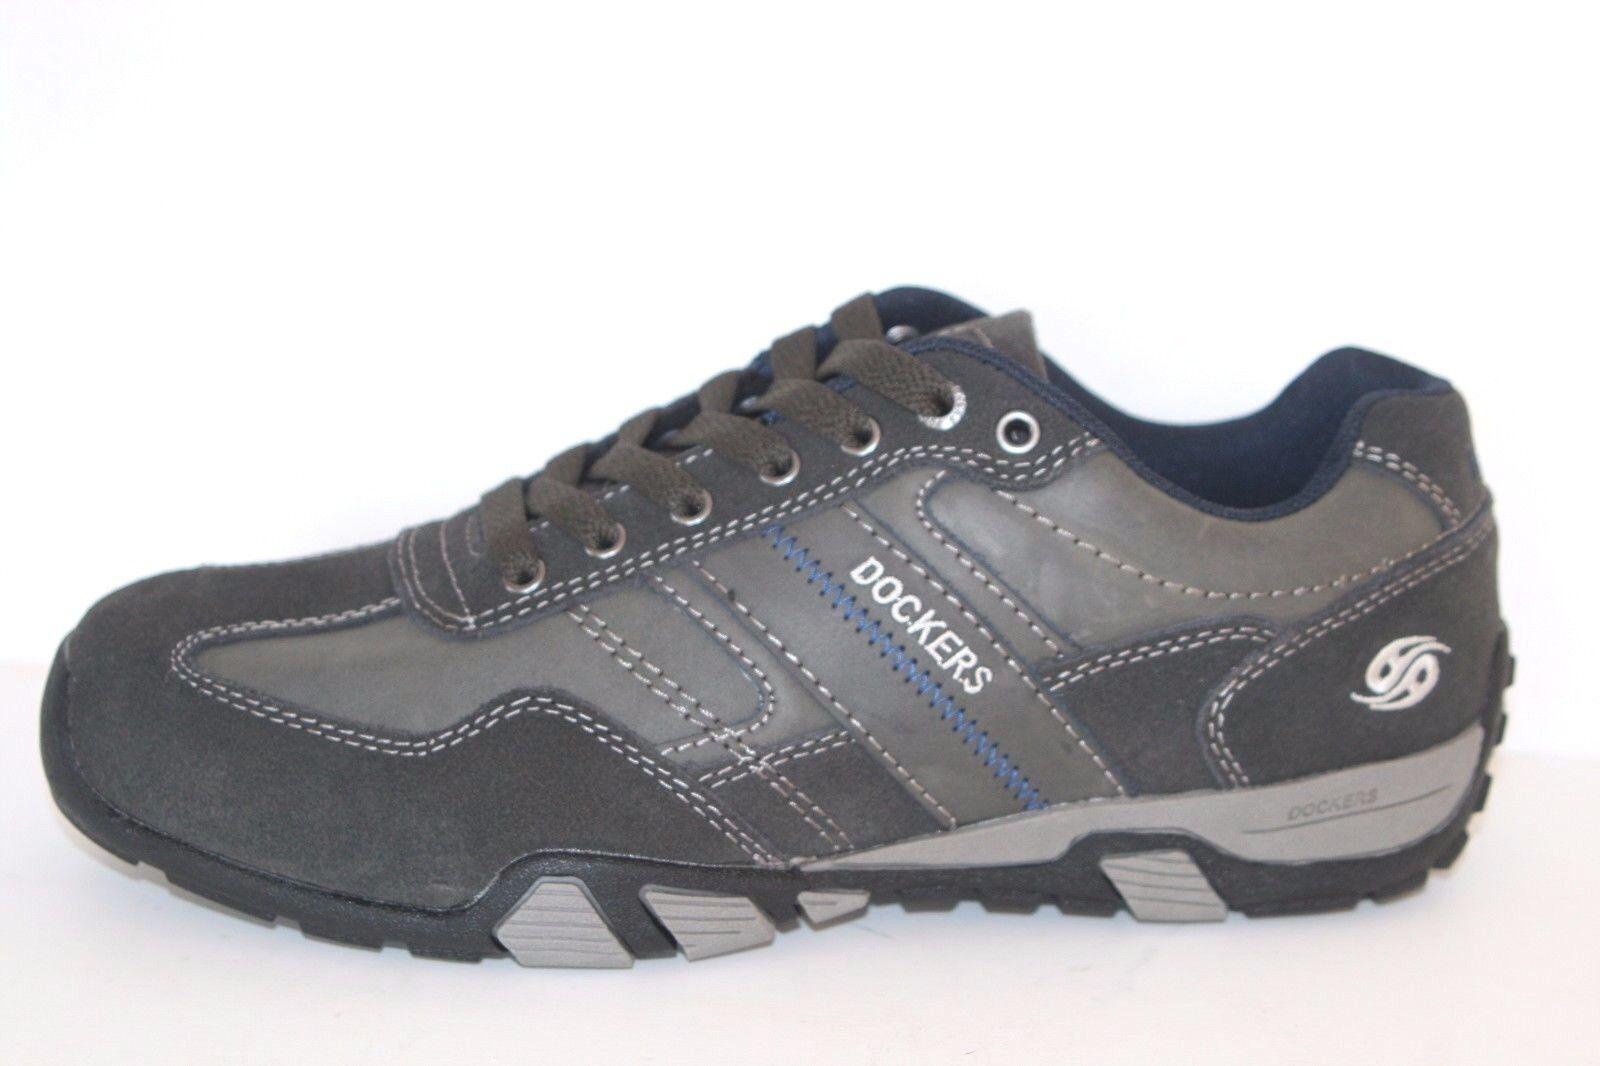 DOCKERS Freizeitschuhe Schuhe Herren Halbschuhe Schnürschuhe Freizeitschuhe DOCKERS Männer asphalt grau ce4c1a